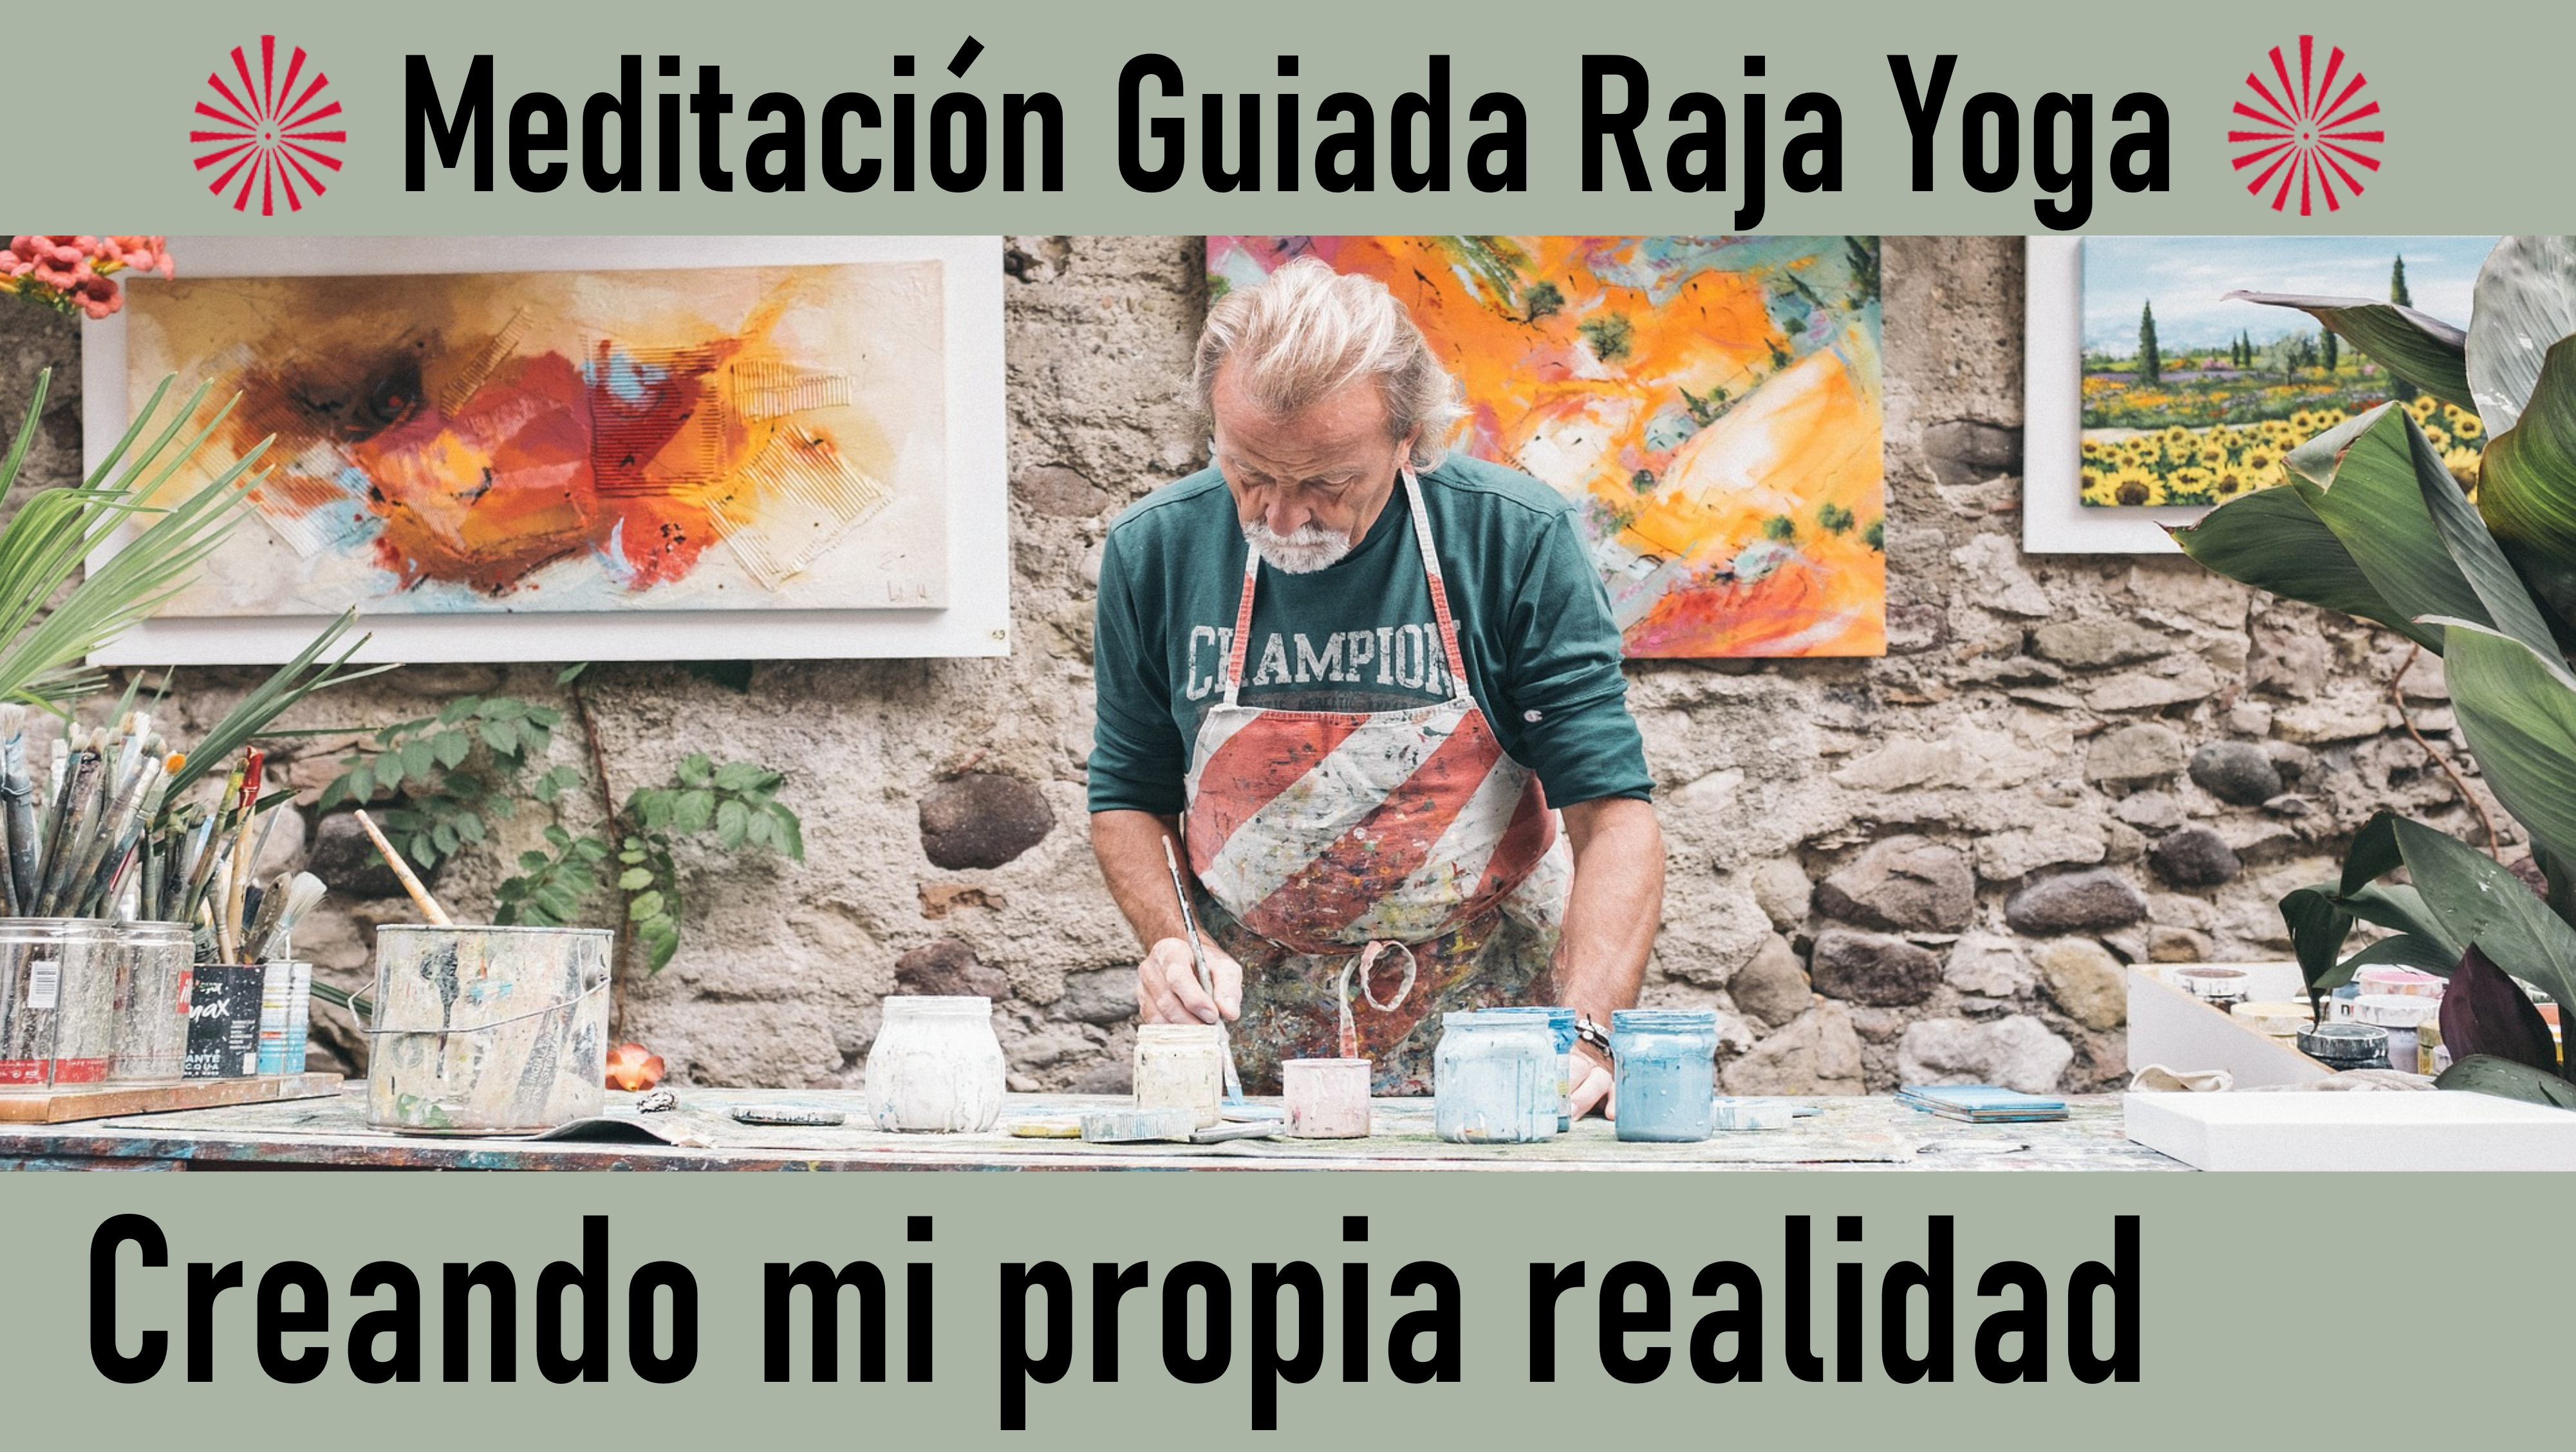 Meditación Raja Yoga: Creando mi propia realidad (14 Agosto 2020) On-line desde Madrid